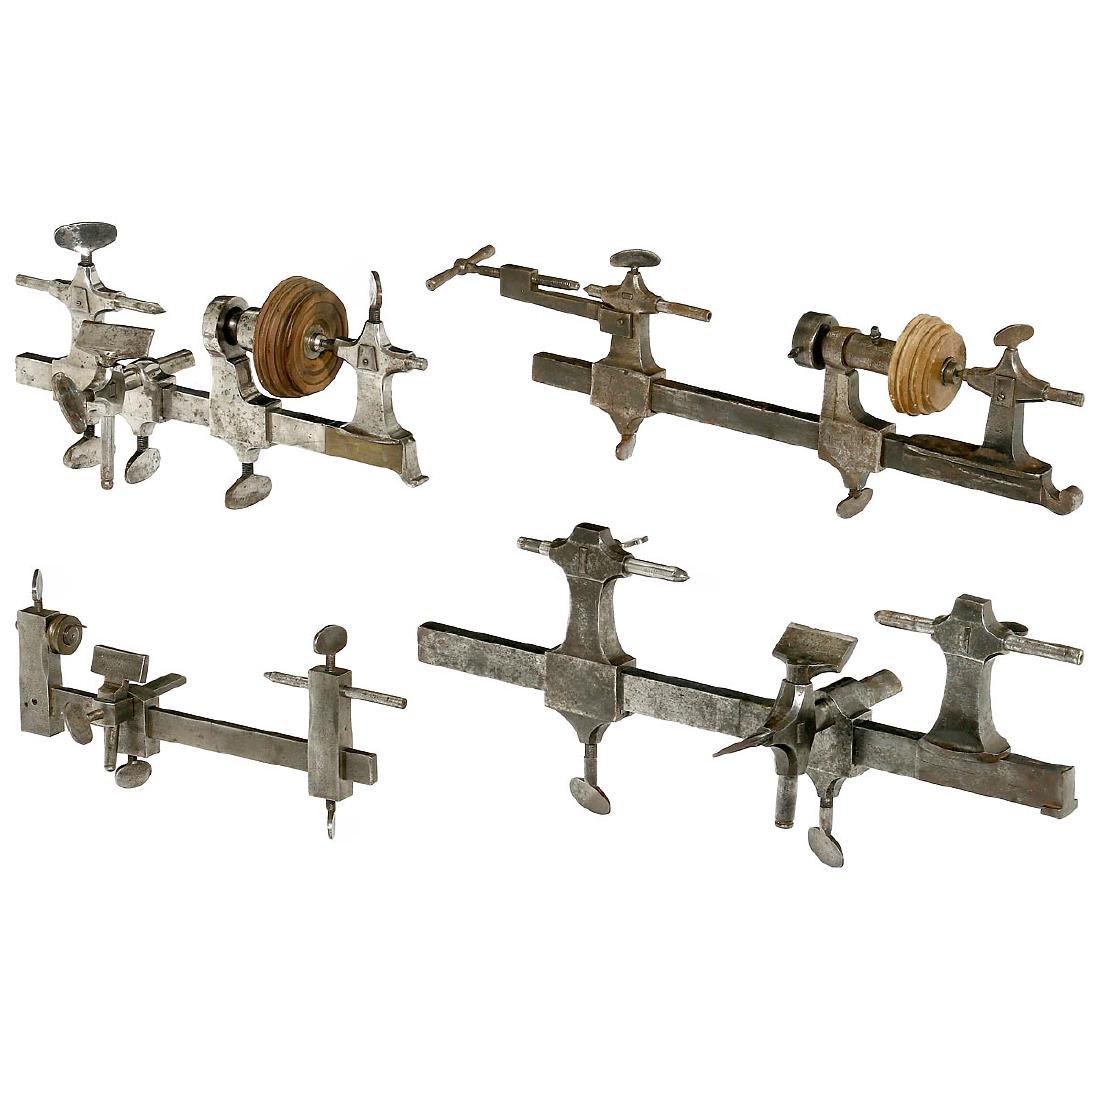 4 Clockmaker's Lathes, c. 1900